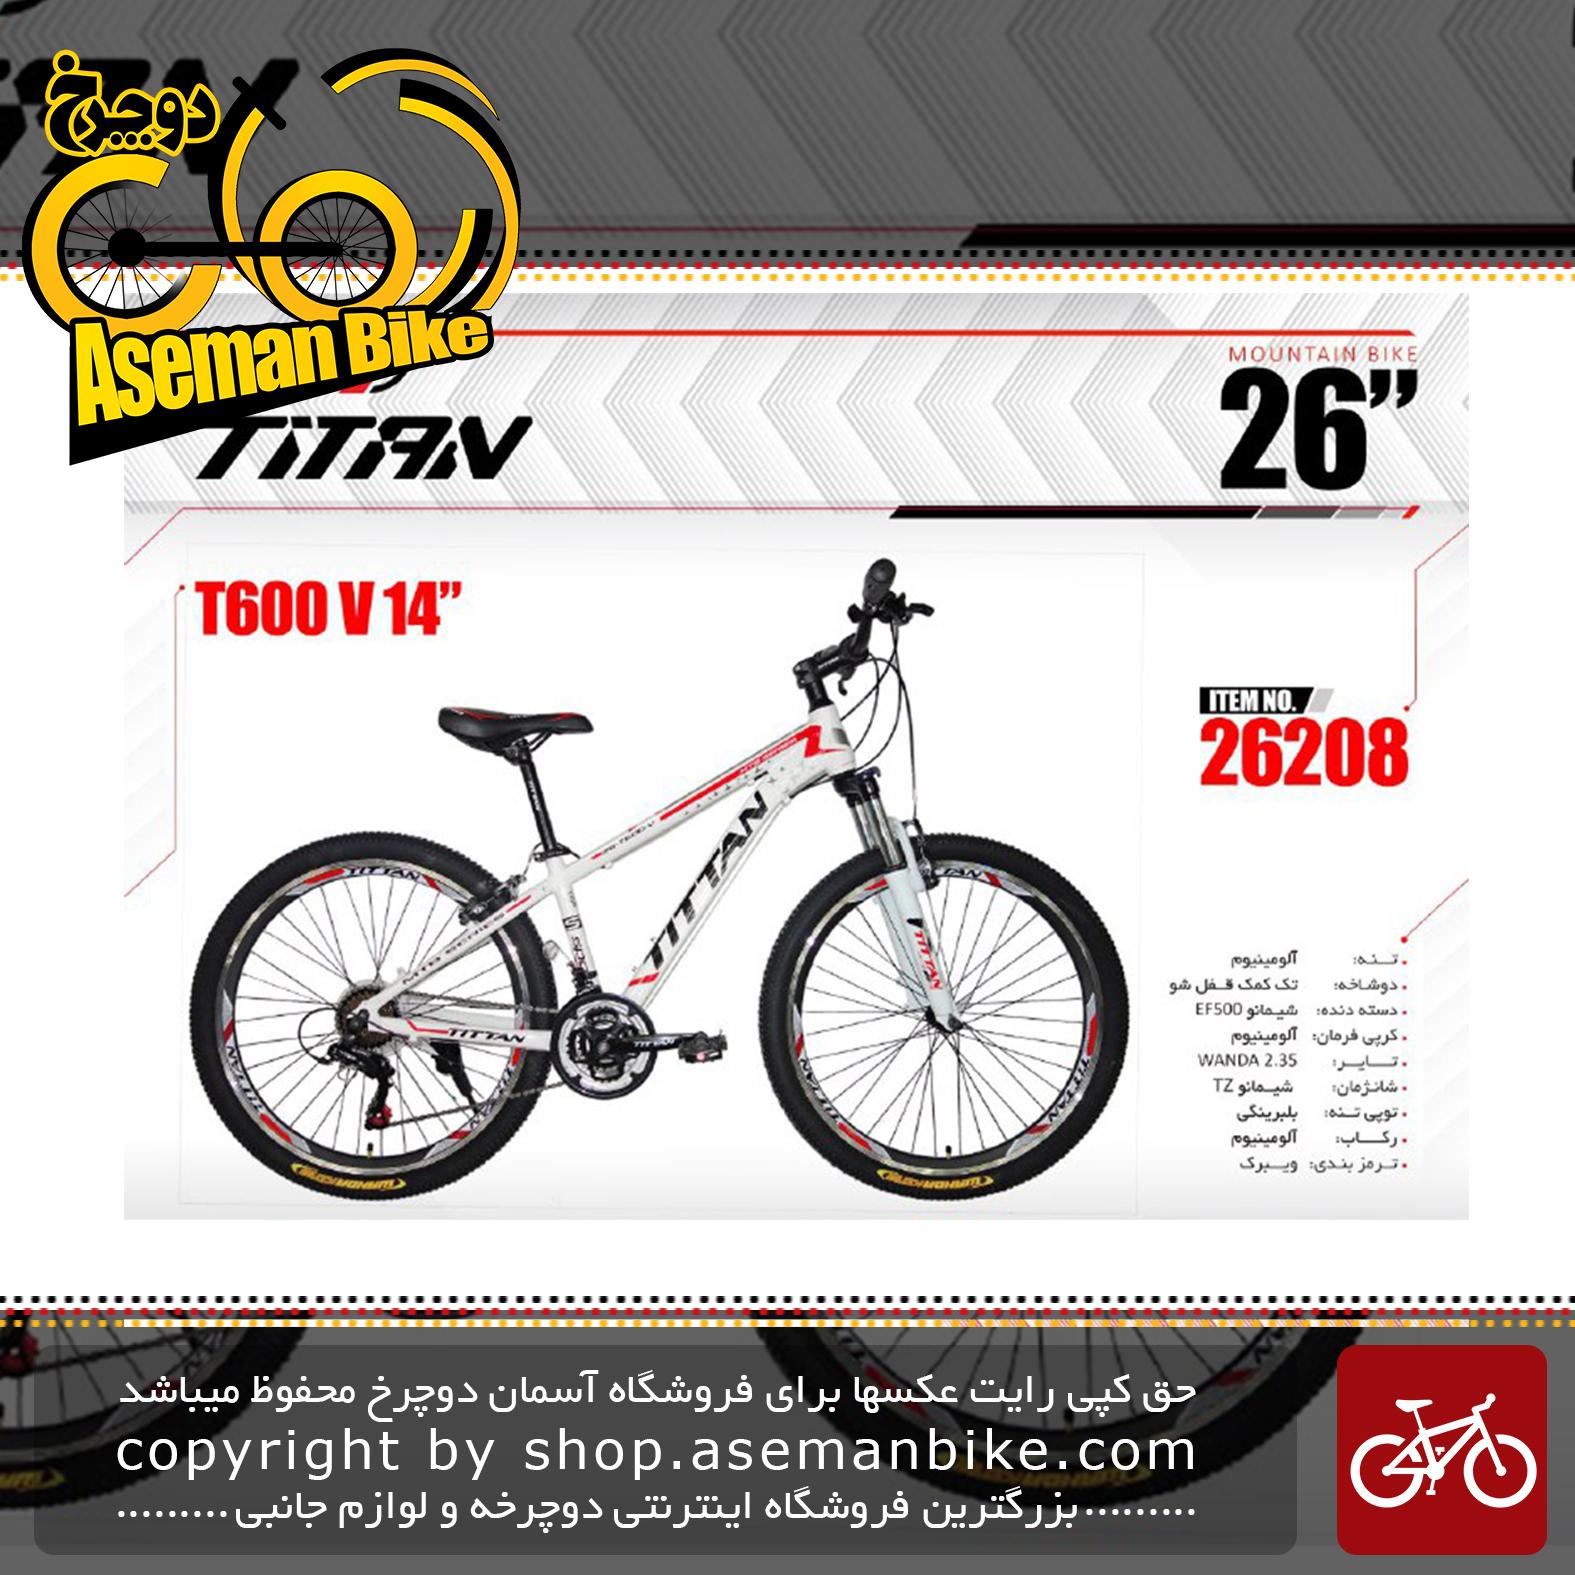 """دوچرخه کوهستان تایتان سایز 26دیسک مدل تی 600وی """"14"""" TITAN SIZE 26 T 600 V """"14"""